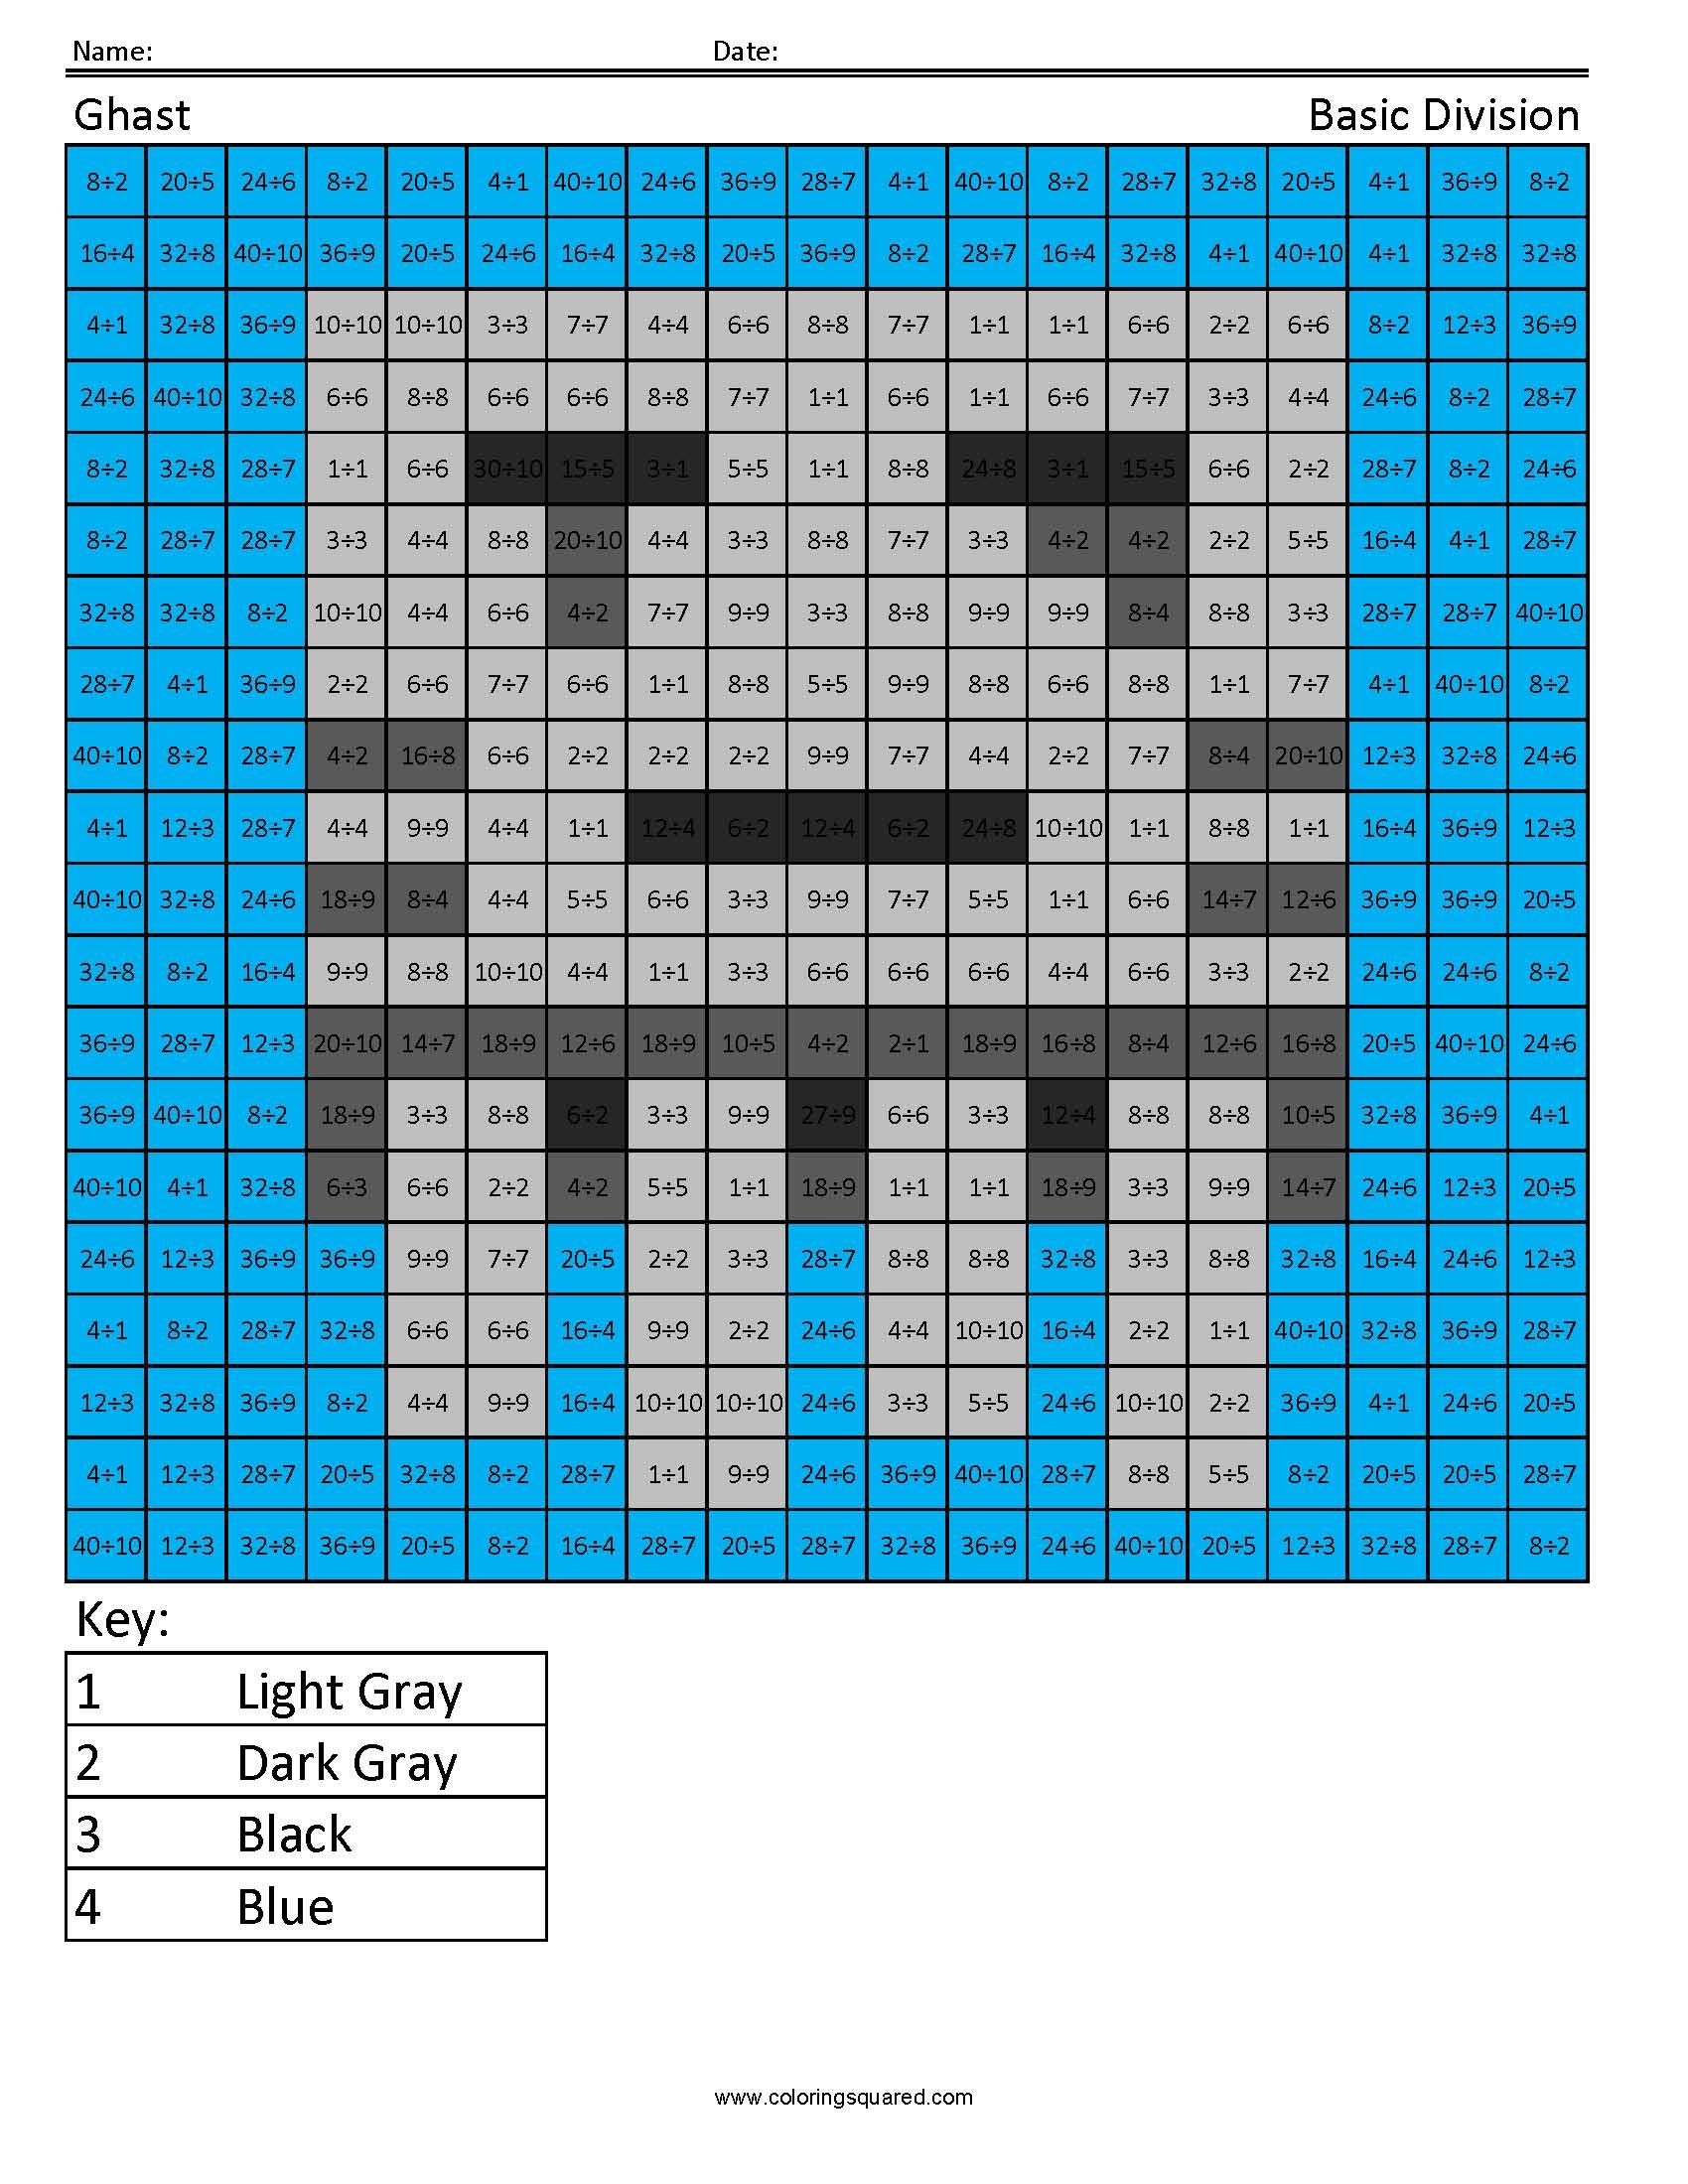 ghast basic division coloring squared. Black Bedroom Furniture Sets. Home Design Ideas